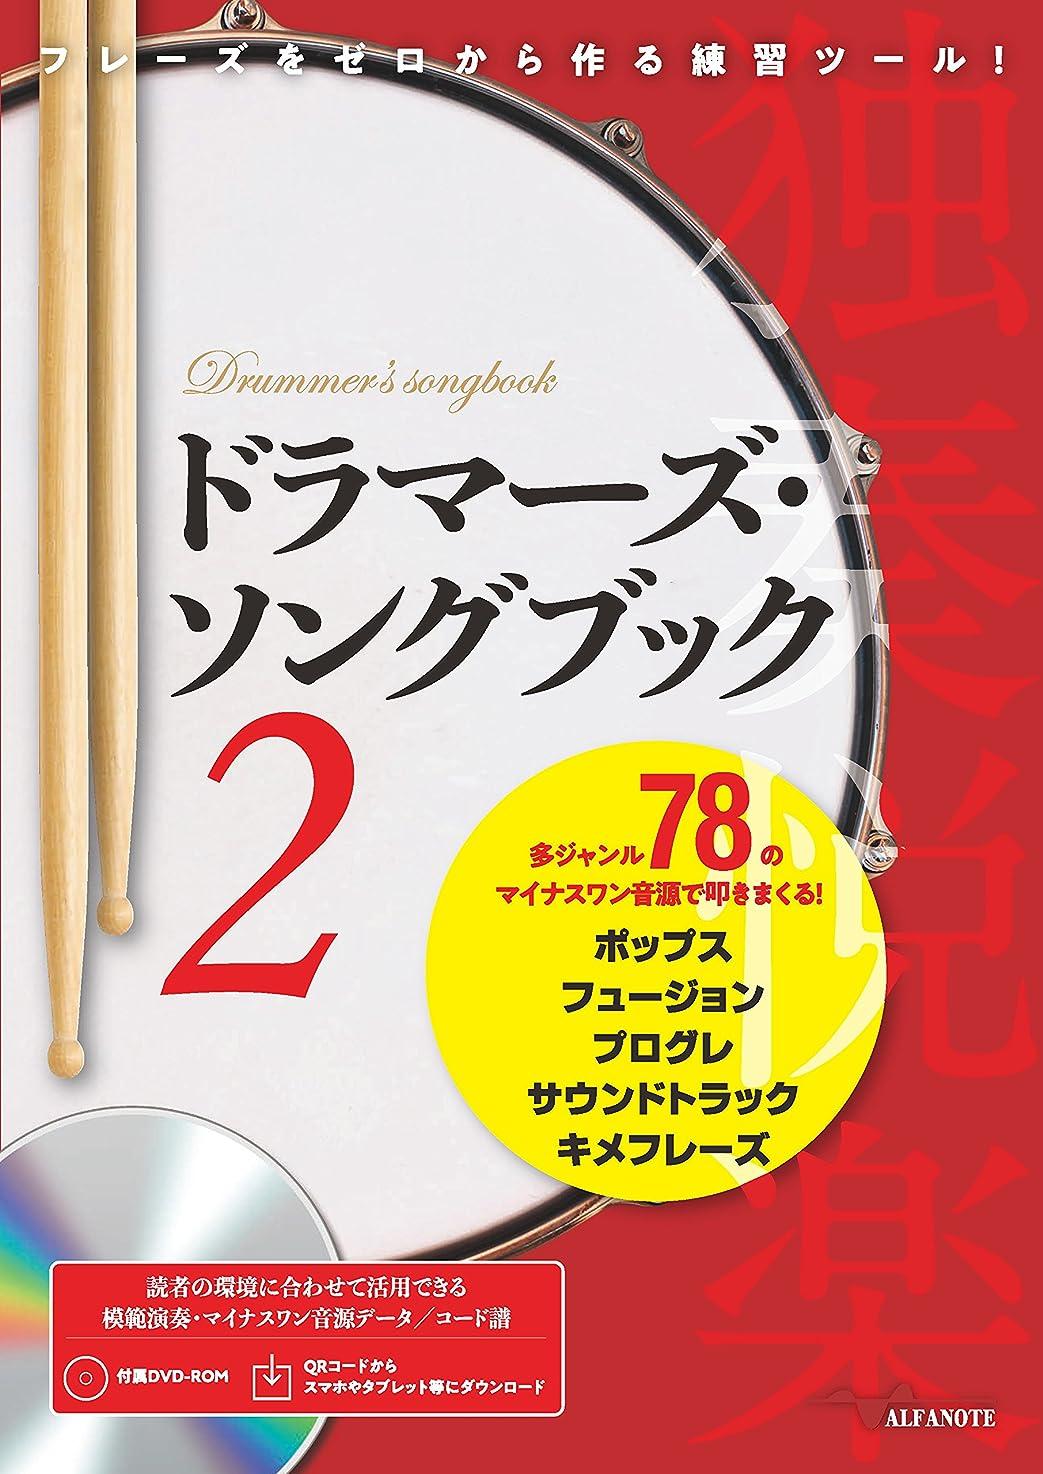 さておき負荷スコットランド人ドラマーズ?ソングブック 2 ?フレーズをゼロから作る練習ツール! 多ジャンル78のマイナスワン音源で叩きまくる! ?[QRコード& DVD-ROM付] (<DVD>)